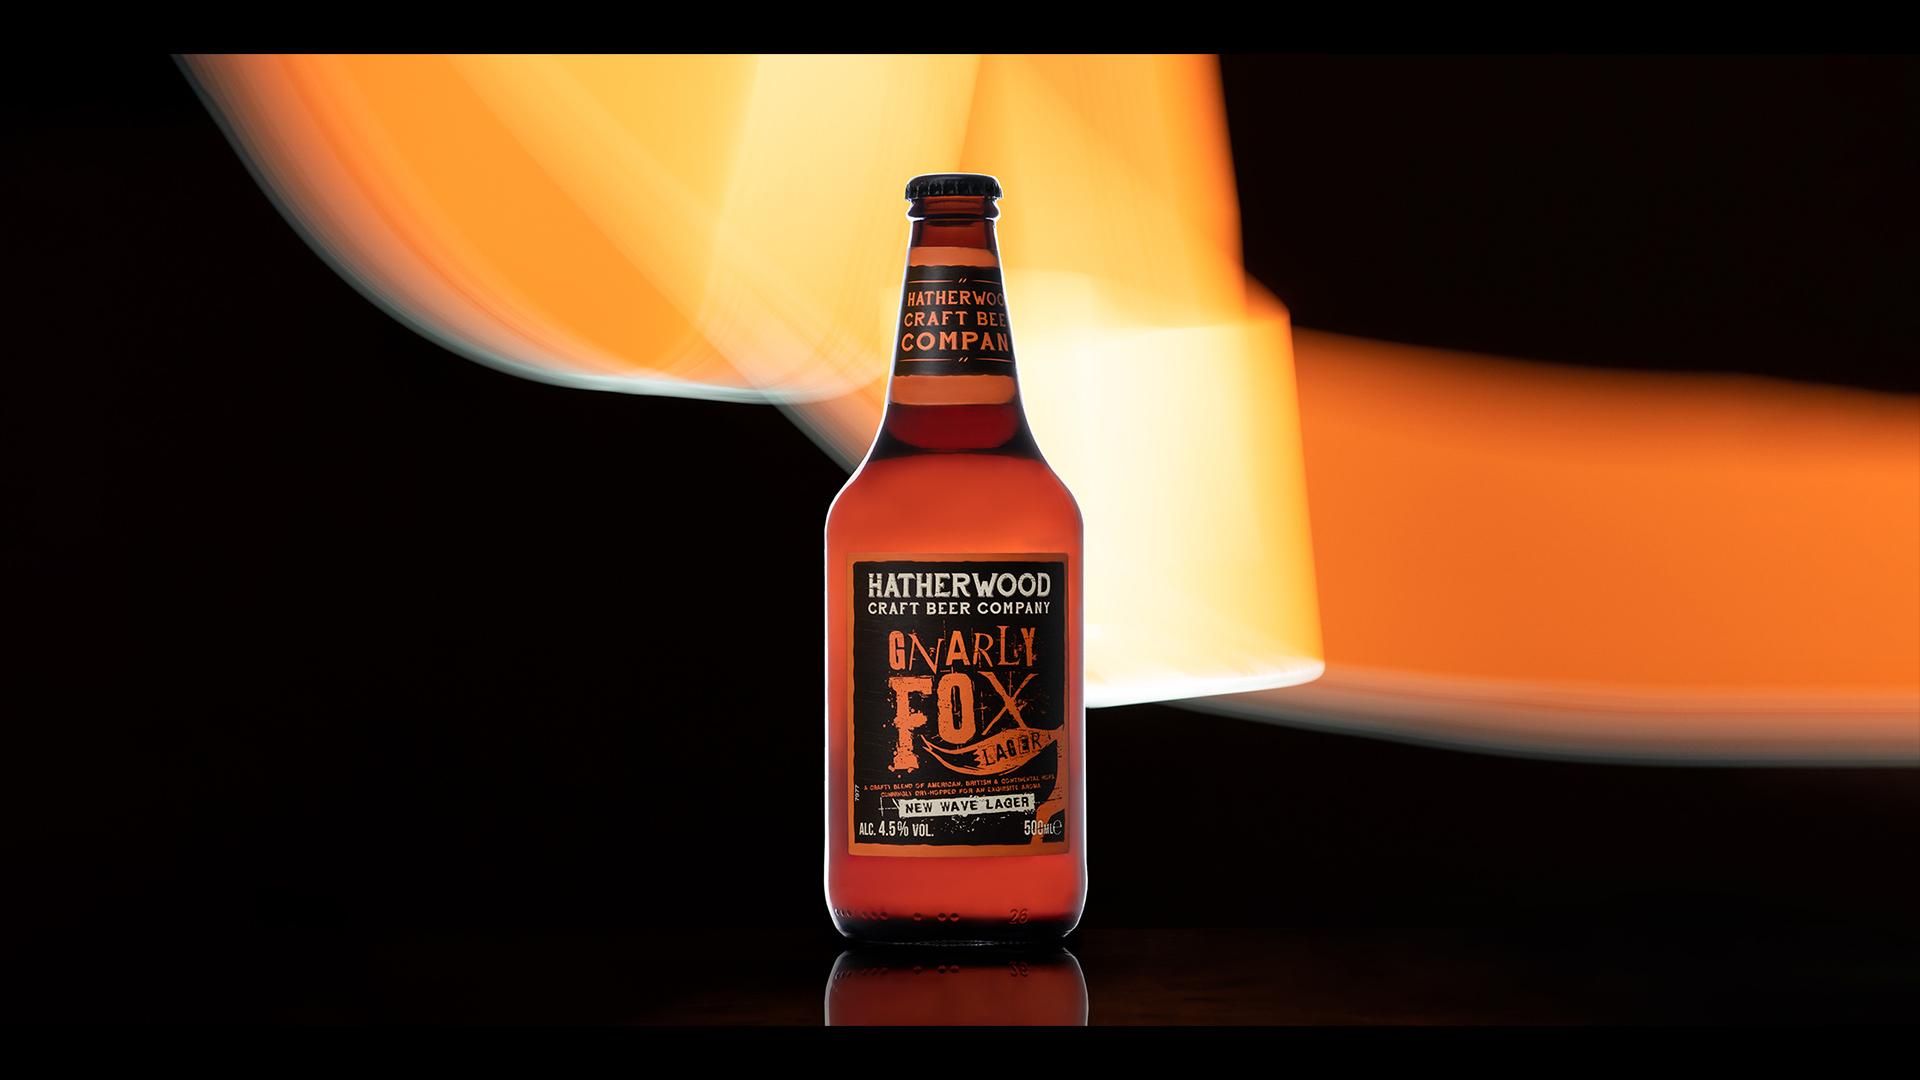 termékfotozás-kreatív-ital-sör